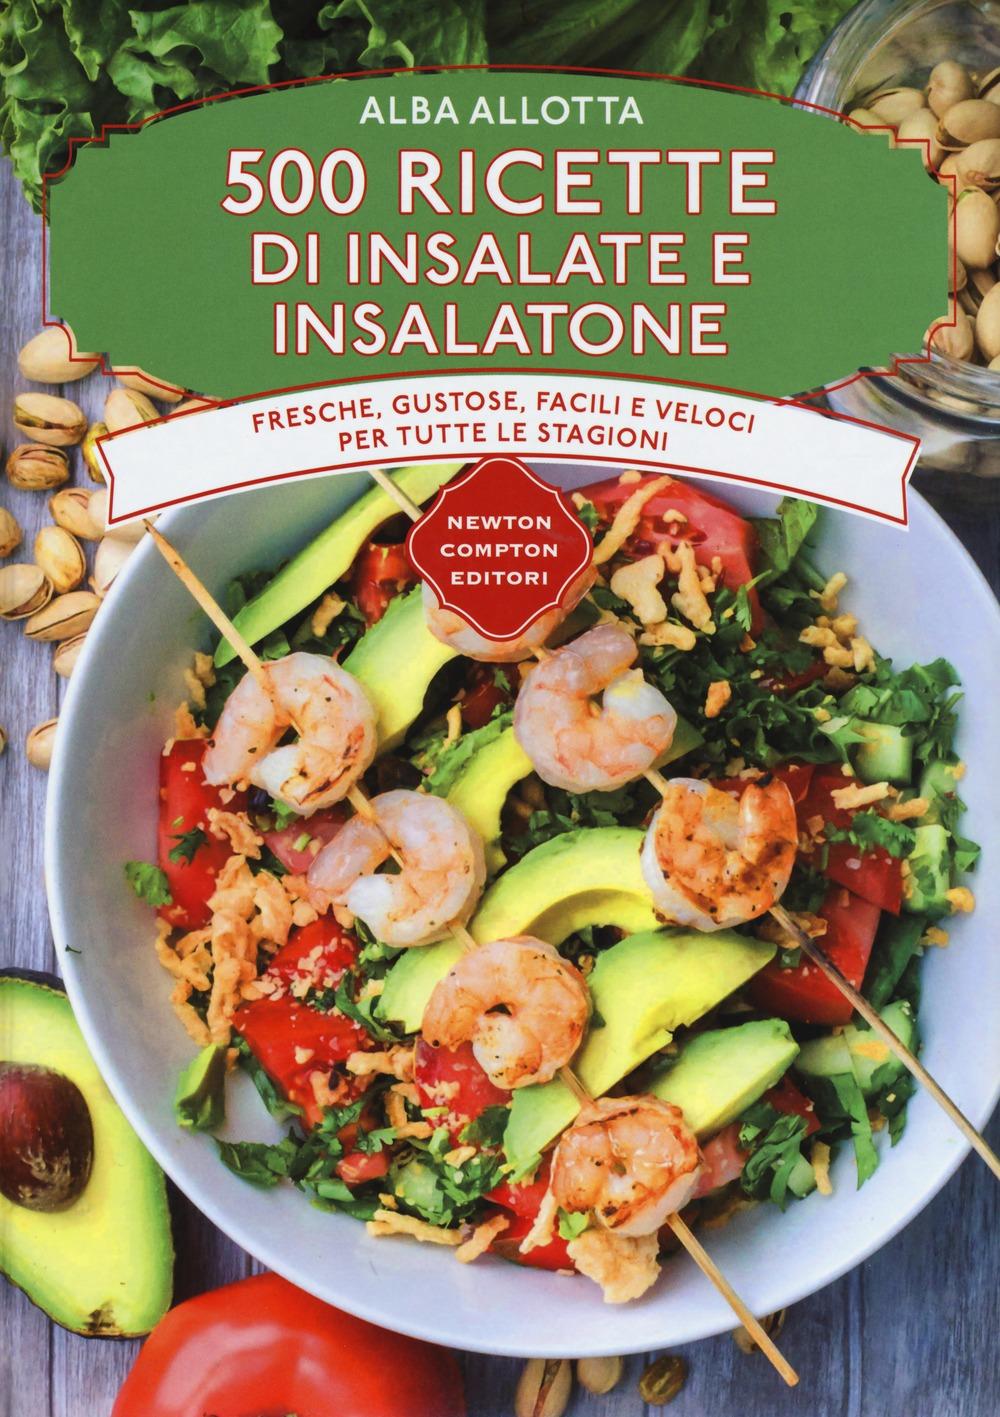 Recensione di 500 Ricette Di Insalate E Insalatone – Alba Allotta